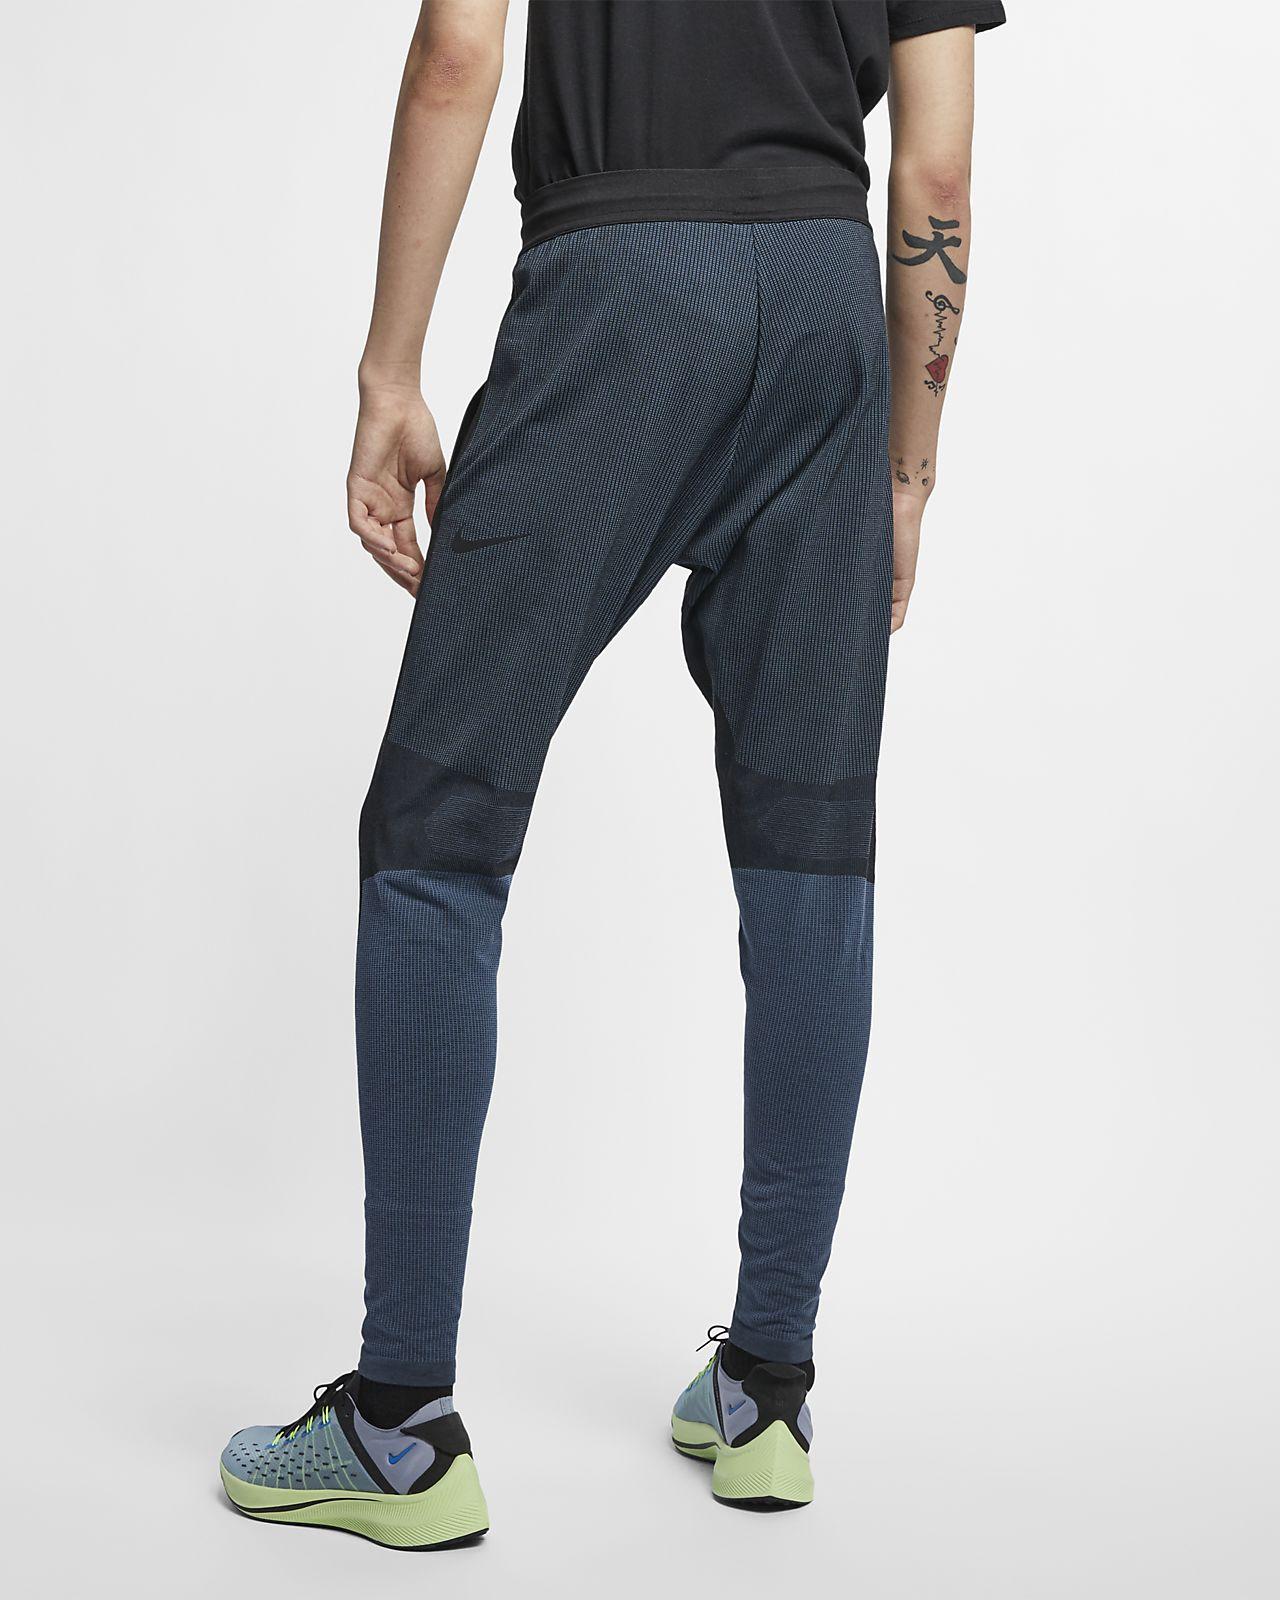 040125d54be9 Nike Sportswear Tech Pack Men s Knit Pants. Nike.com